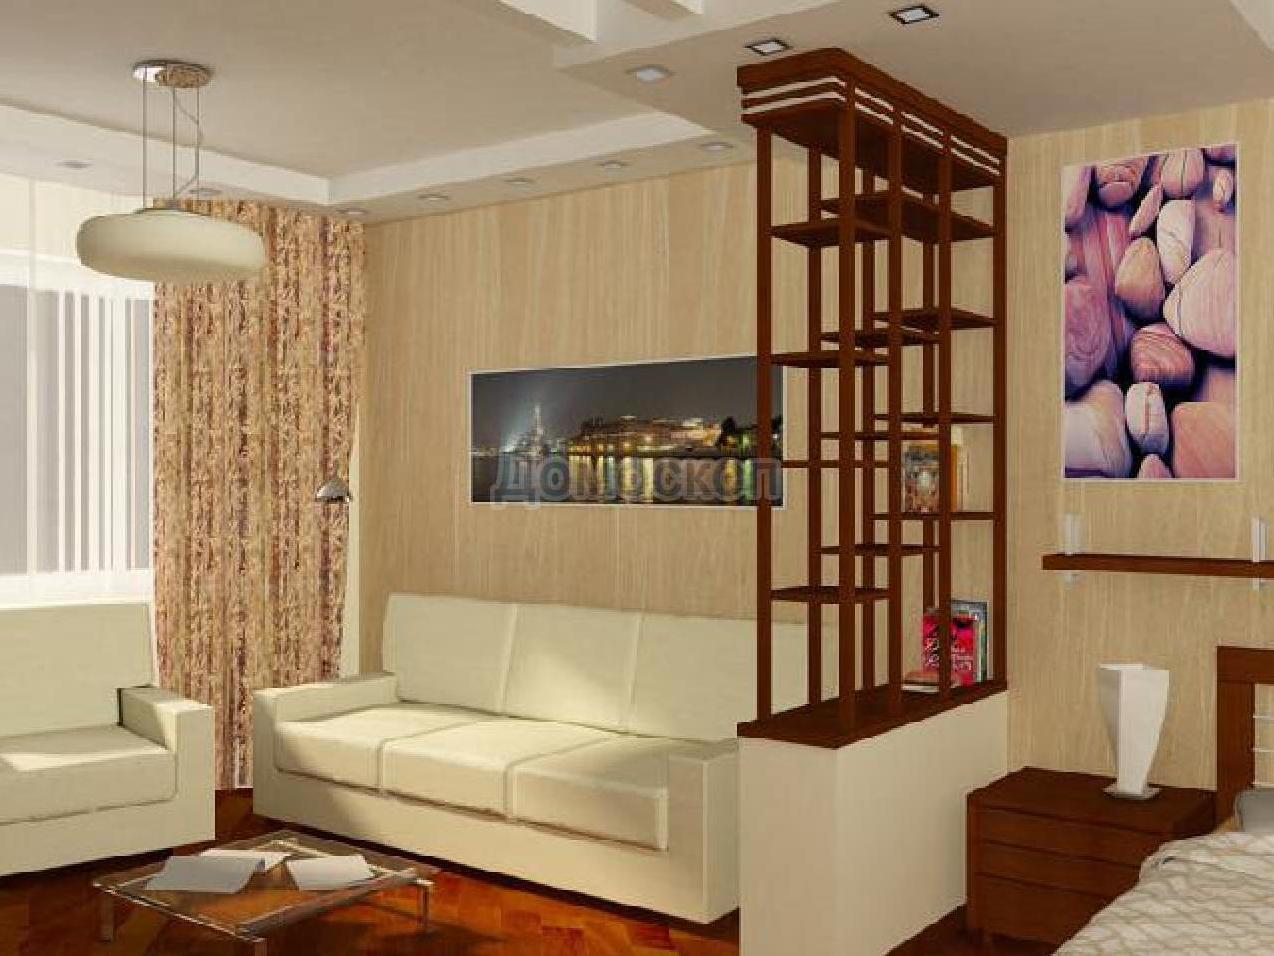 Идеи для интерьера своими руками в однокомнатной квартире